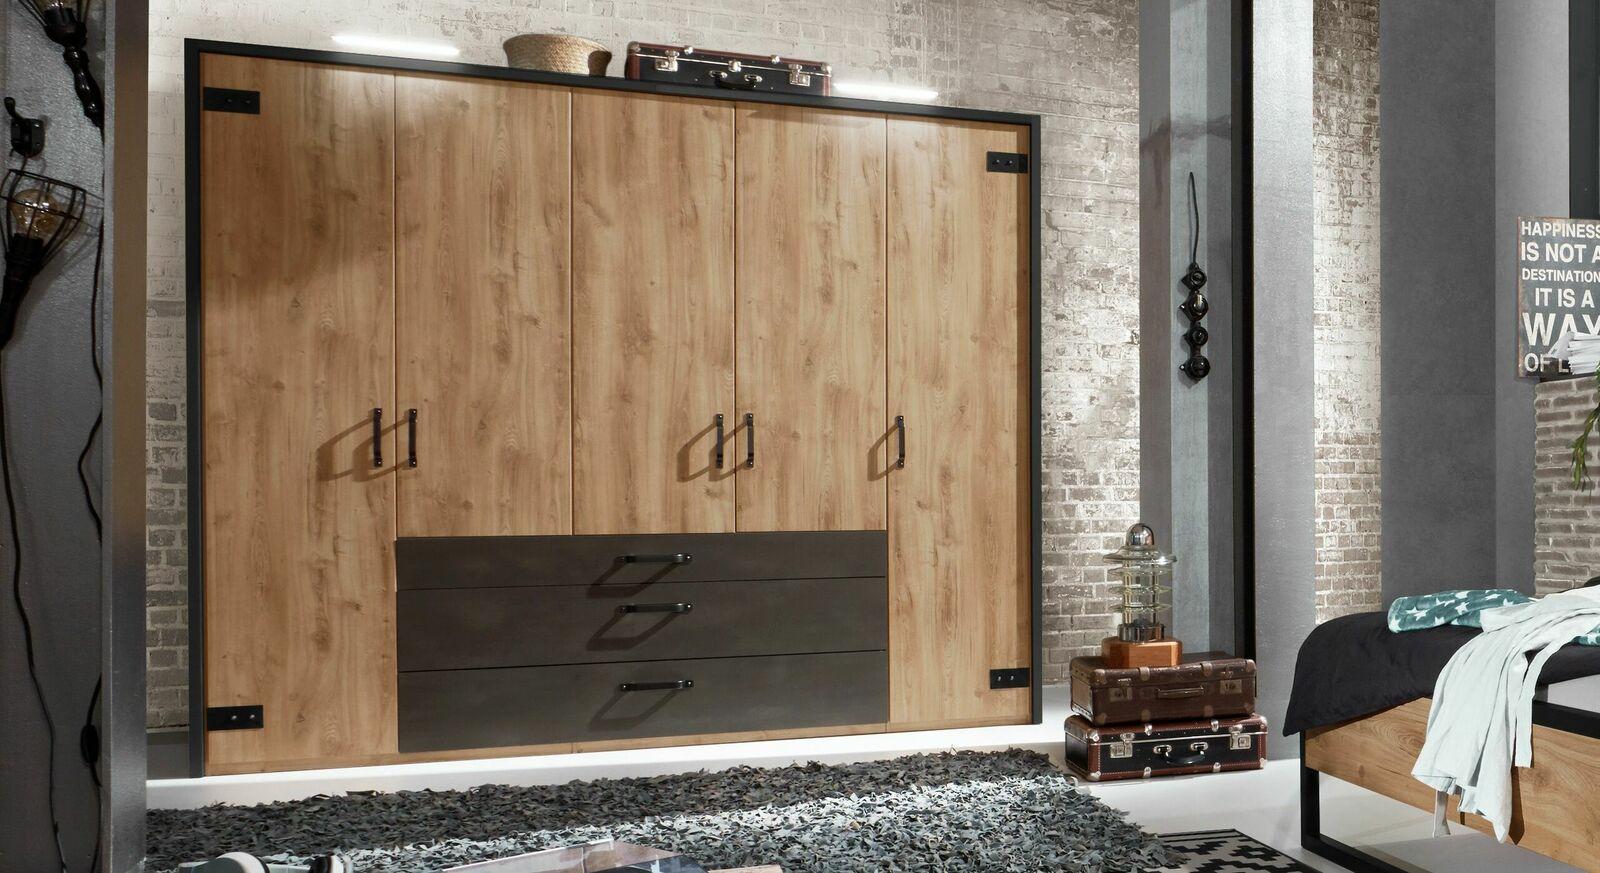 Kleiderschrank Im Industrial Style Mit Eiche Dekor Lakewood